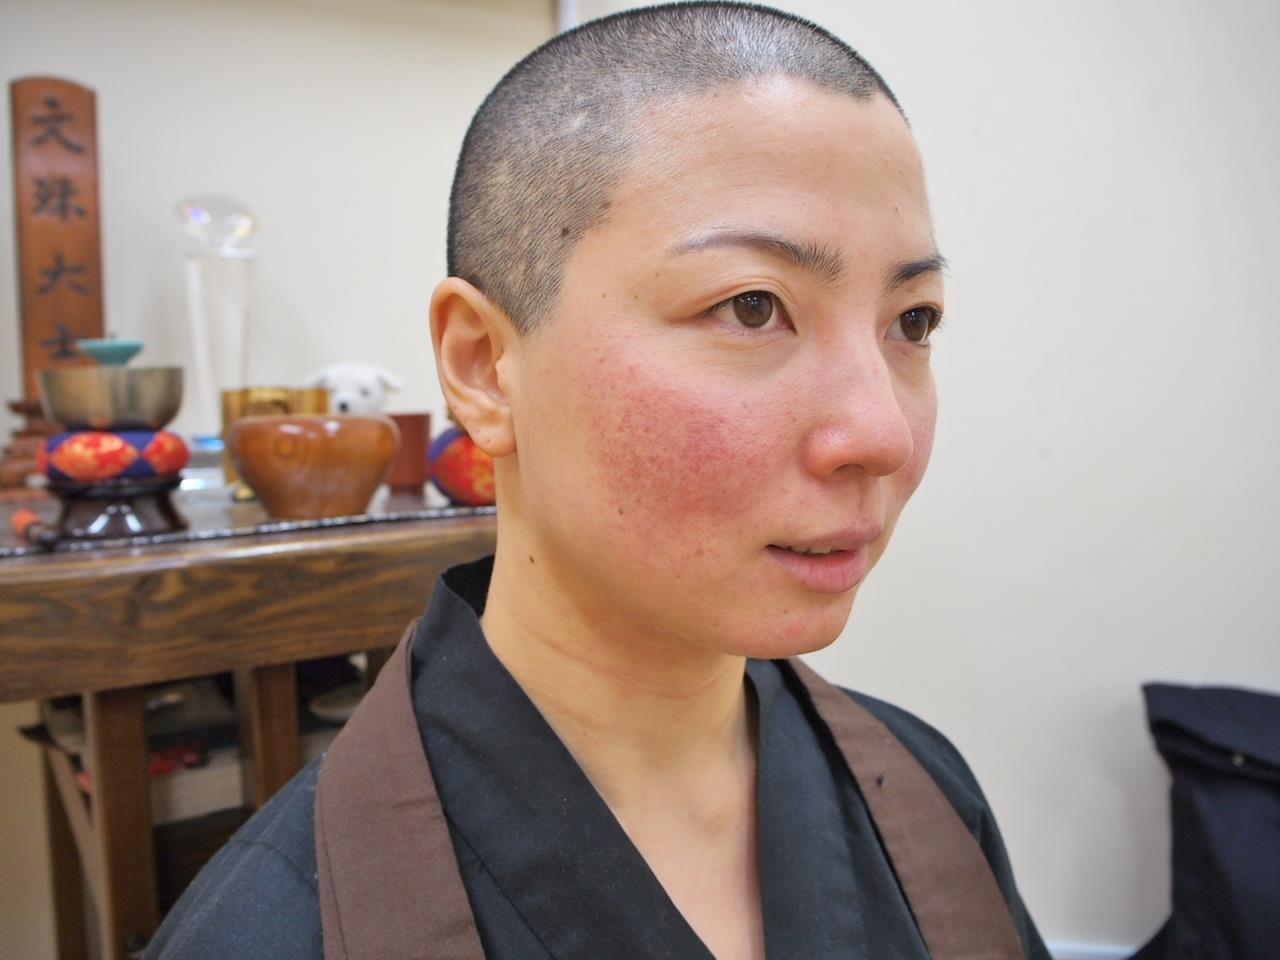 宗教って何? 高校生で仏教に興味を持ち、23歳で出家した尼僧・大澤香有さんインタビュー